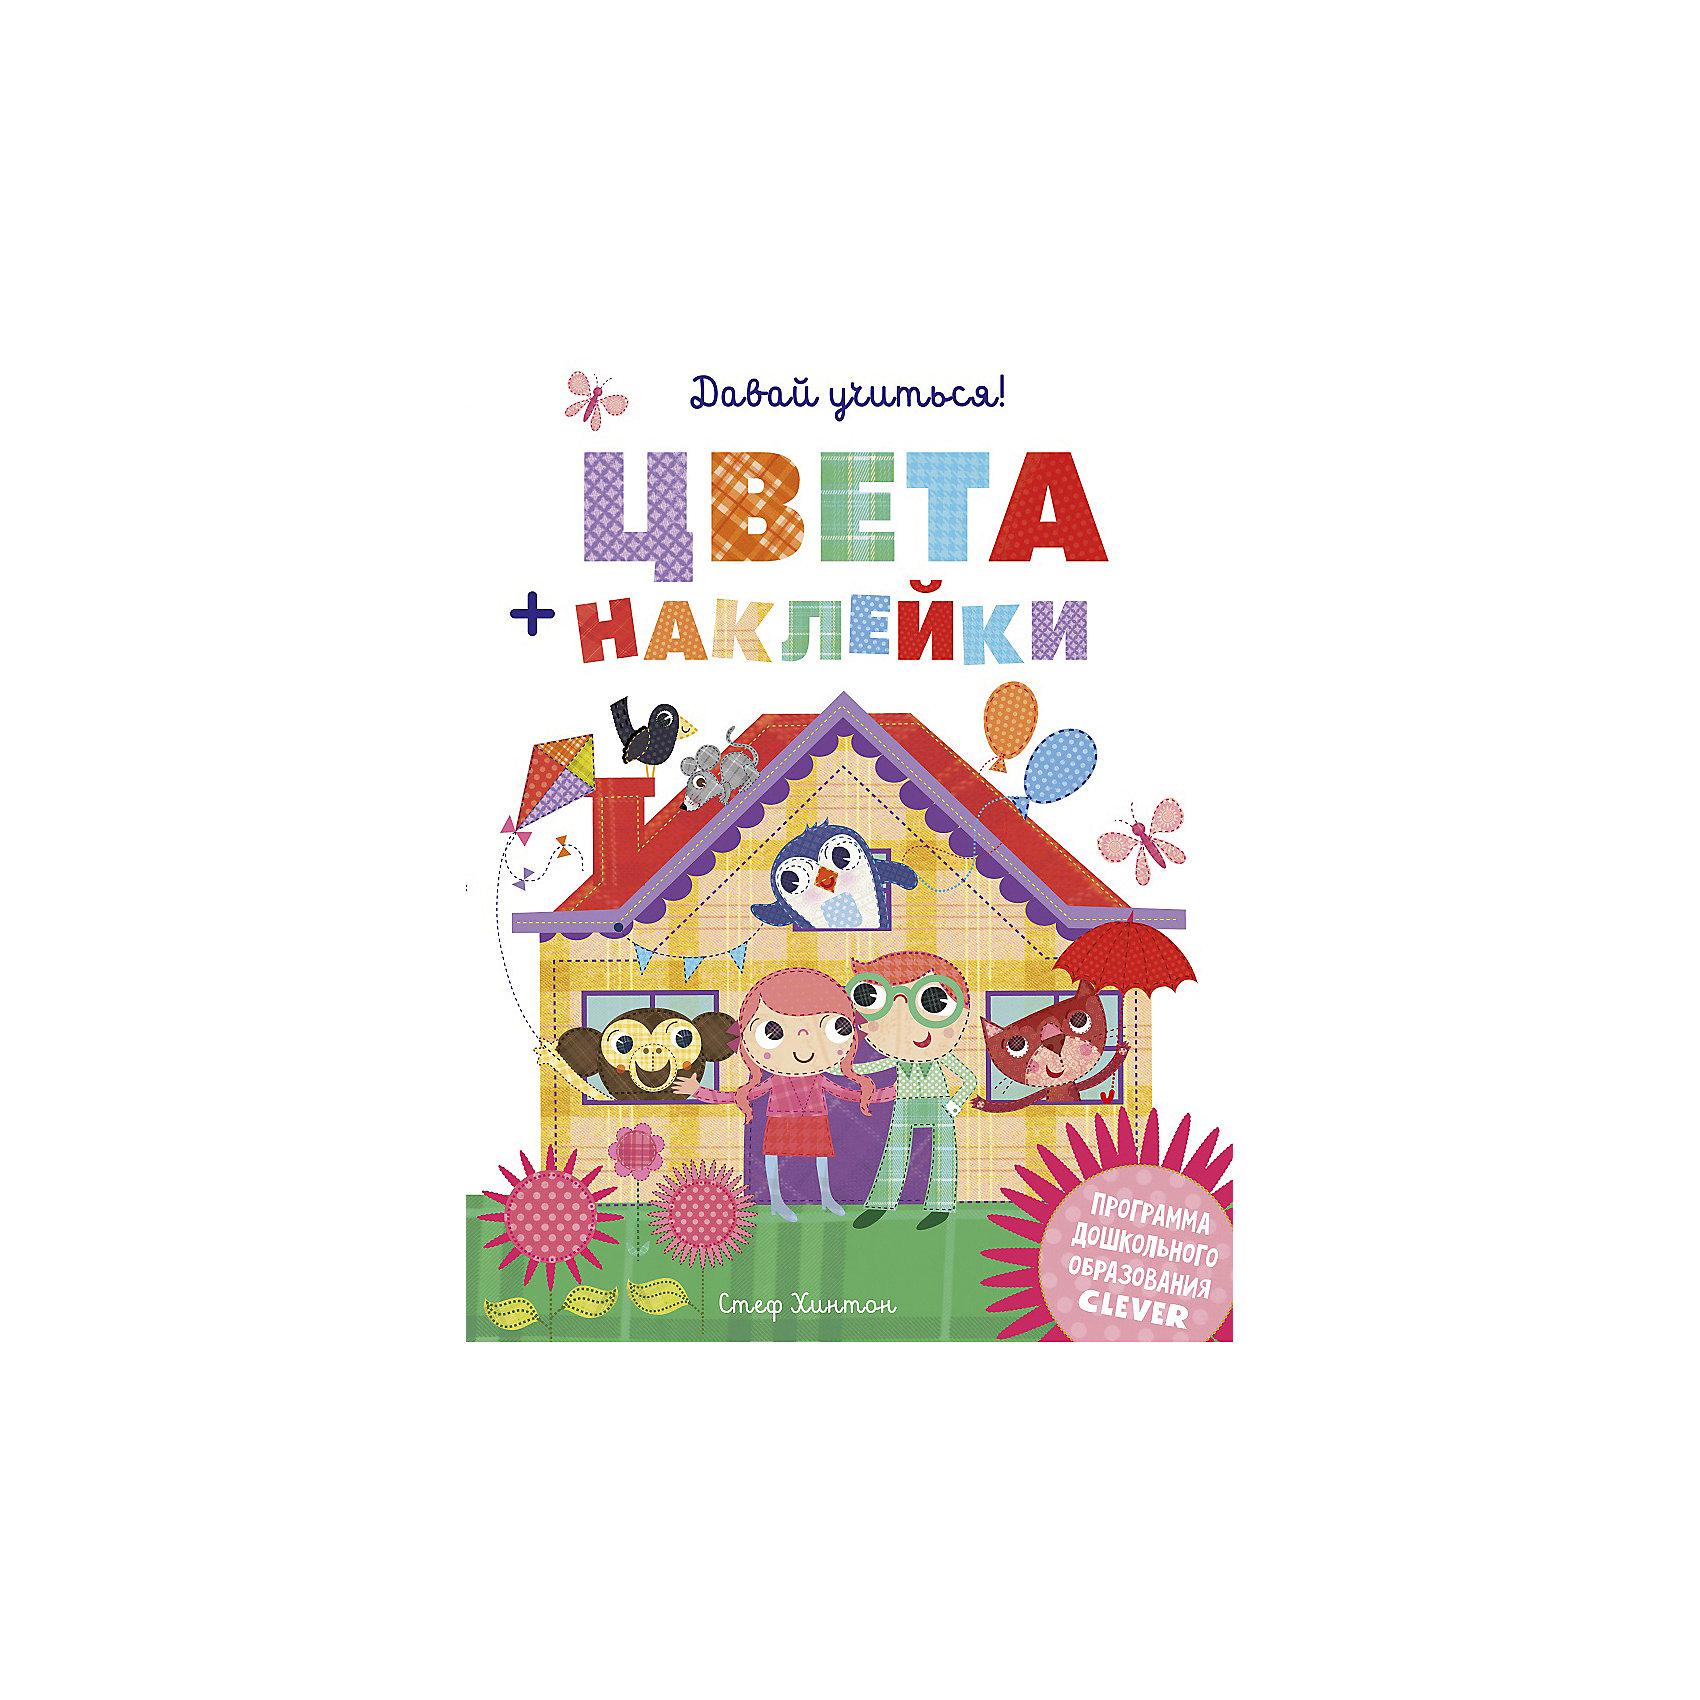 Давай учиться! Цвета + наклейкиCLEVER (КЛЕВЕР)<br>Книги – классический вариант обучения малыша. Наклейки добавляют книгам современности и притягивают интерес малыша к каждой страничке. Издание «Давай учиться! Цвета + наклейки» разработано специалистами в области раннего обучения ребенка. Сборник содержит множество красочных и ярких иллюстраций, которые понравятся и взрослым и детям. Каждое увлекательное задание книги направлено на развитие какого-либо качества у ребенка. Малыш научится читать, писать, считать и понимать задания сам. Увлекательные задания, интересные лабиринты, ребусы и художественное оформление сделали книгу настоящим бестселлером в своем отделе!<br><br>Дополнительная информация:<br><br>формат: 22 х 29 см;<br>страниц: 28;<br>мягкая обложка.<br><br>Издание «Давай учиться! Цвета + наклейки» можно приобрести в нашем магазине.<br><br>Ширина мм: 285<br>Глубина мм: 215<br>Высота мм: 10<br>Вес г: 160<br>Возраст от месяцев: 48<br>Возраст до месяцев: 72<br>Пол: Унисекс<br>Возраст: Детский<br>SKU: 4976124